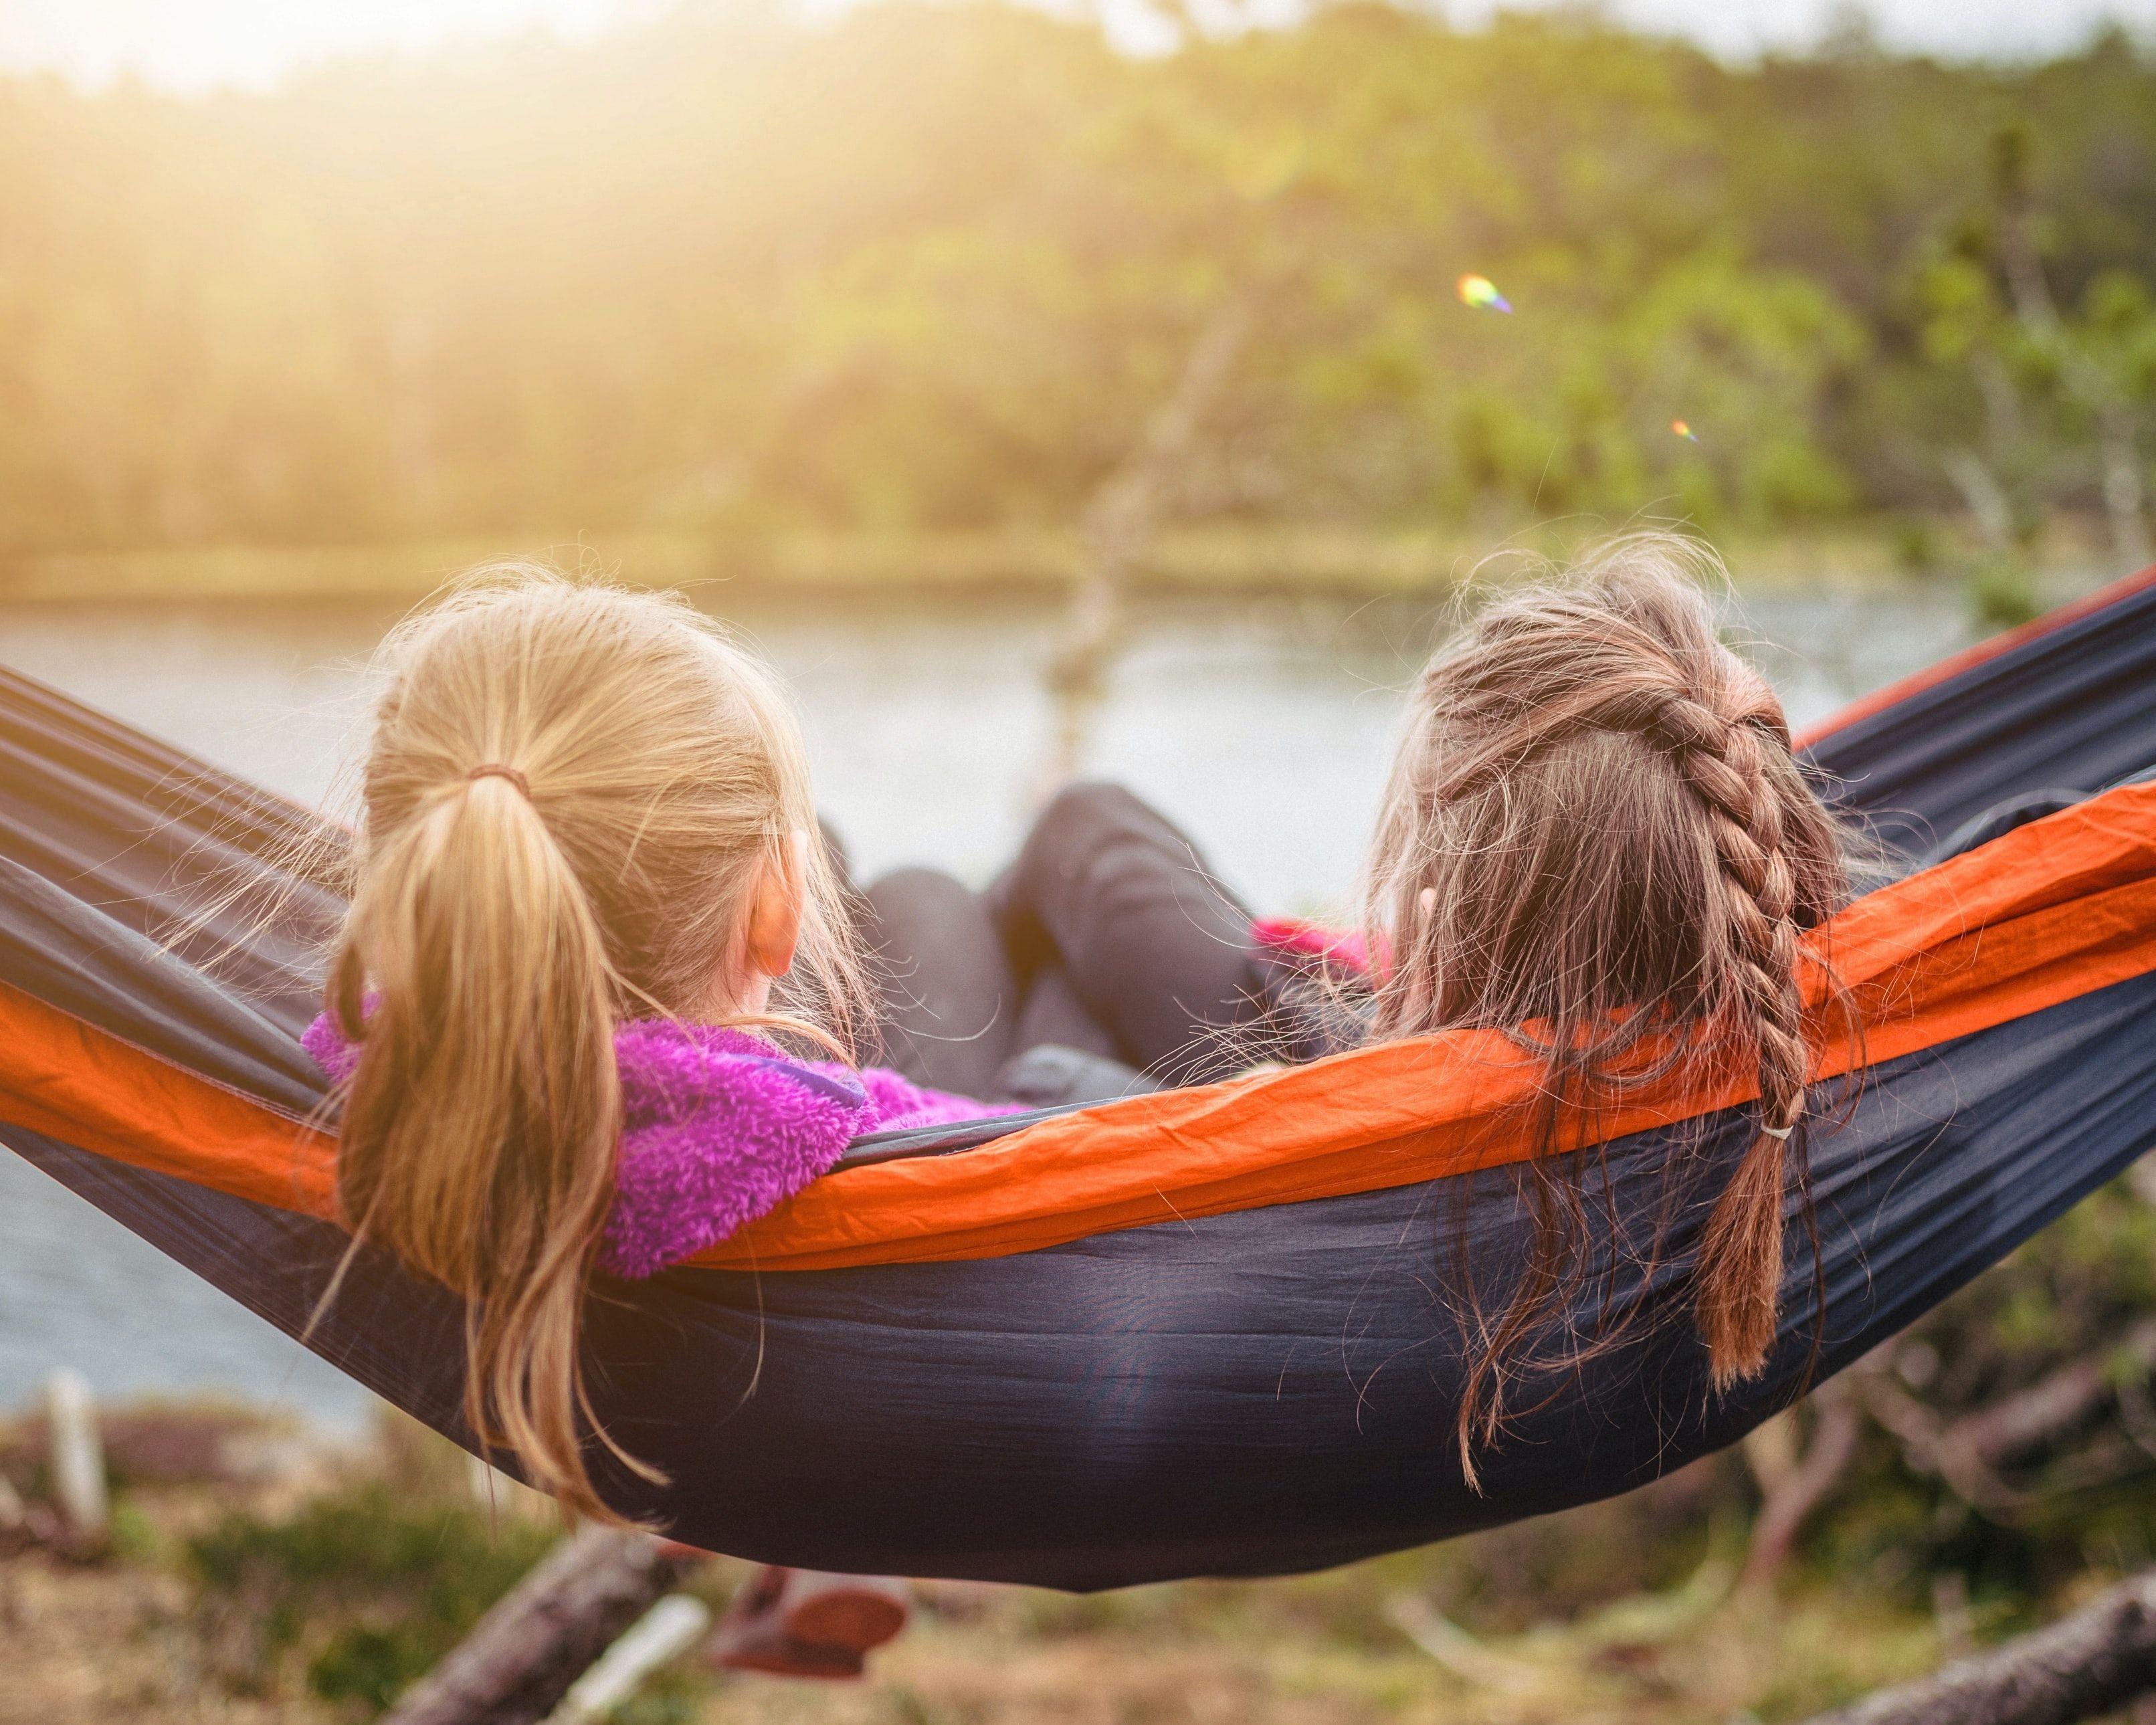 BRY DEG: Når en venn har det litt ekstra vanskelig, så vis at du bryr deg. Snakk med vennen din og fortsett å gjøre hyggelige ting sammen. Foto: Janko Ferlič/Unsplash